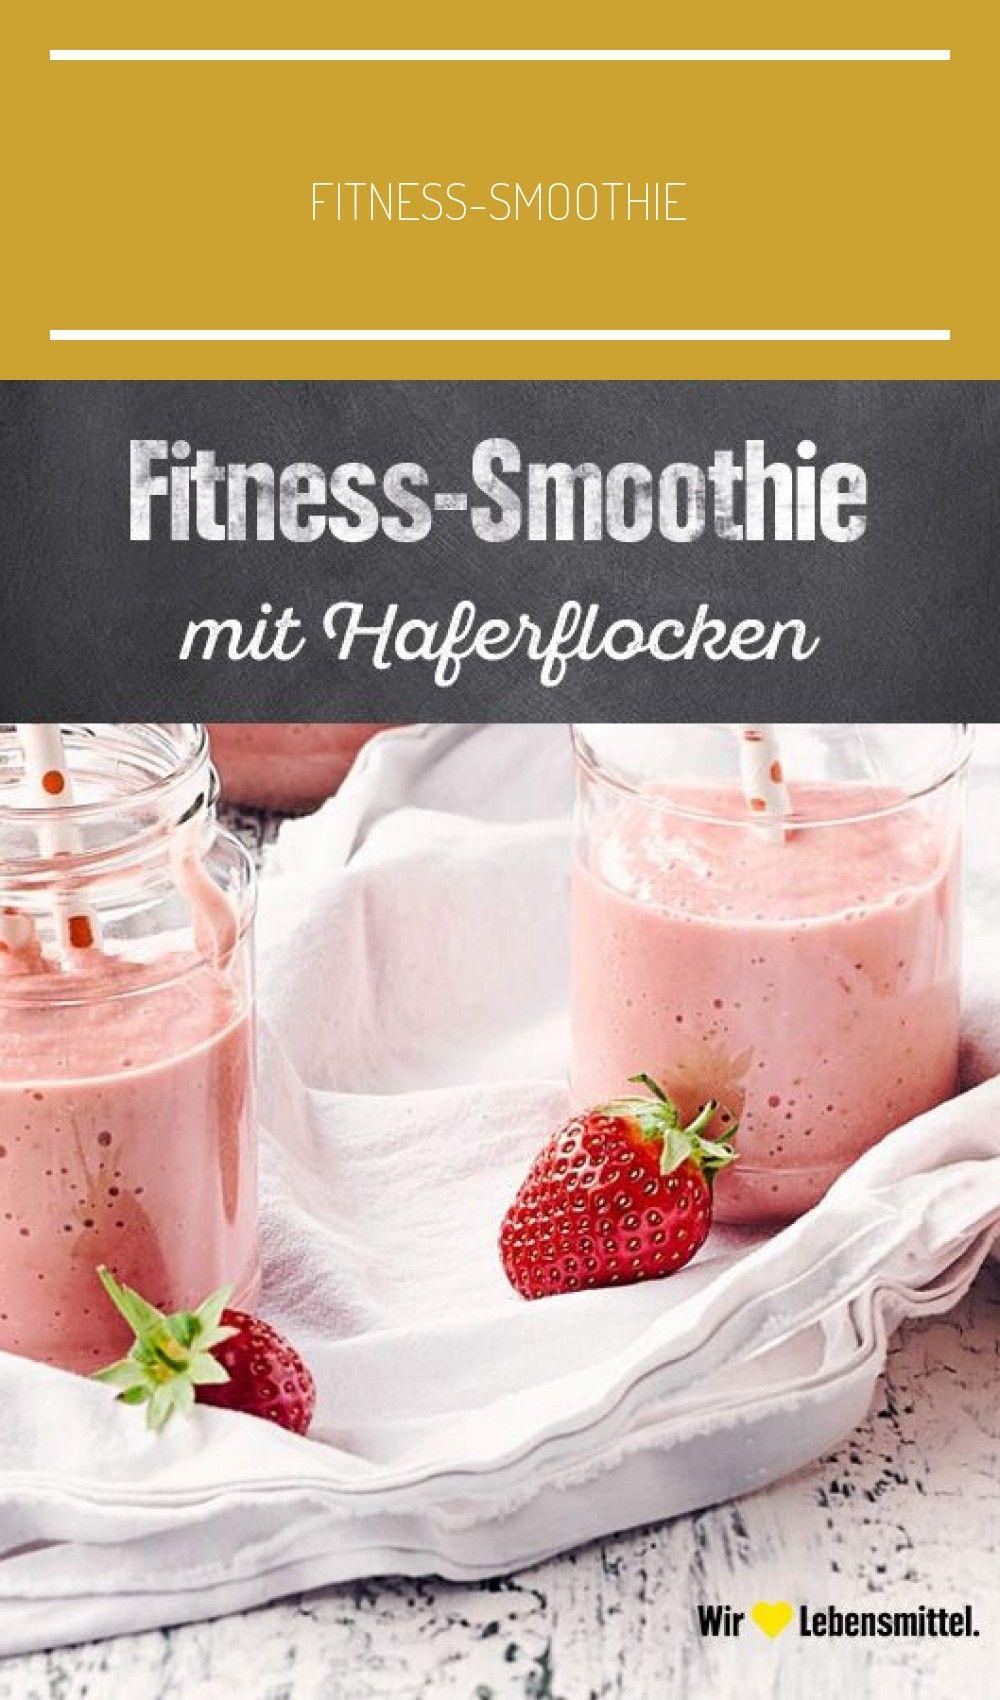 Schnell gemacht, herrlich fruchtig und gesund! #fitness #erdbeeren #smoothie #haferflocken #edeka #j...